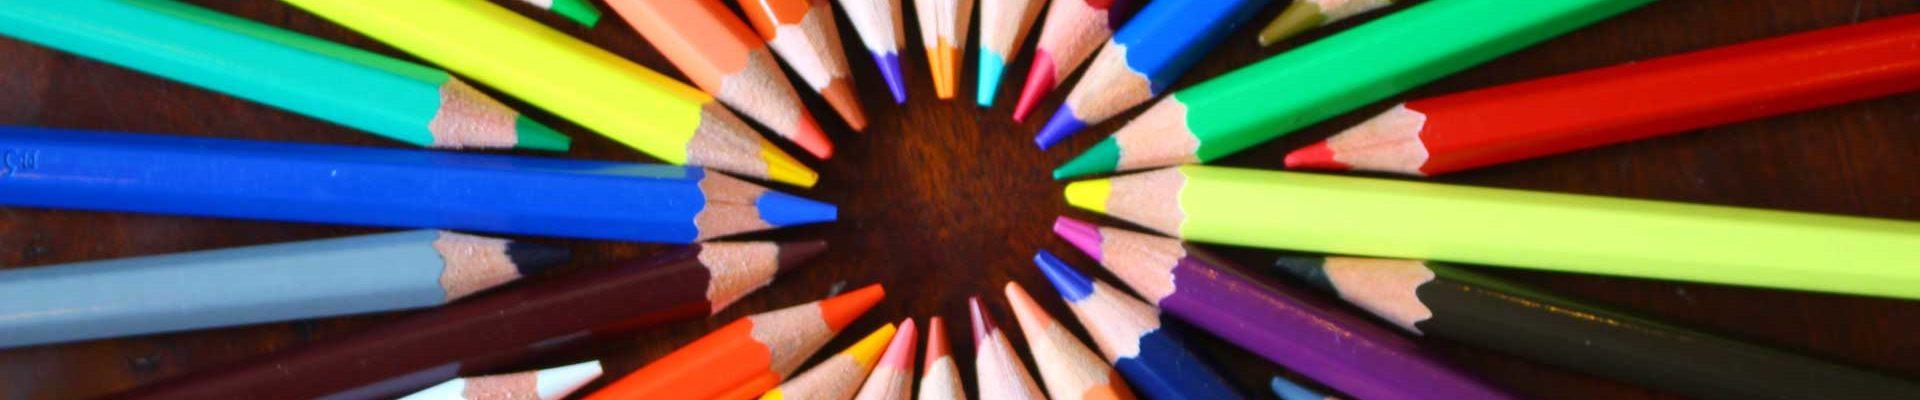 pencil spiral